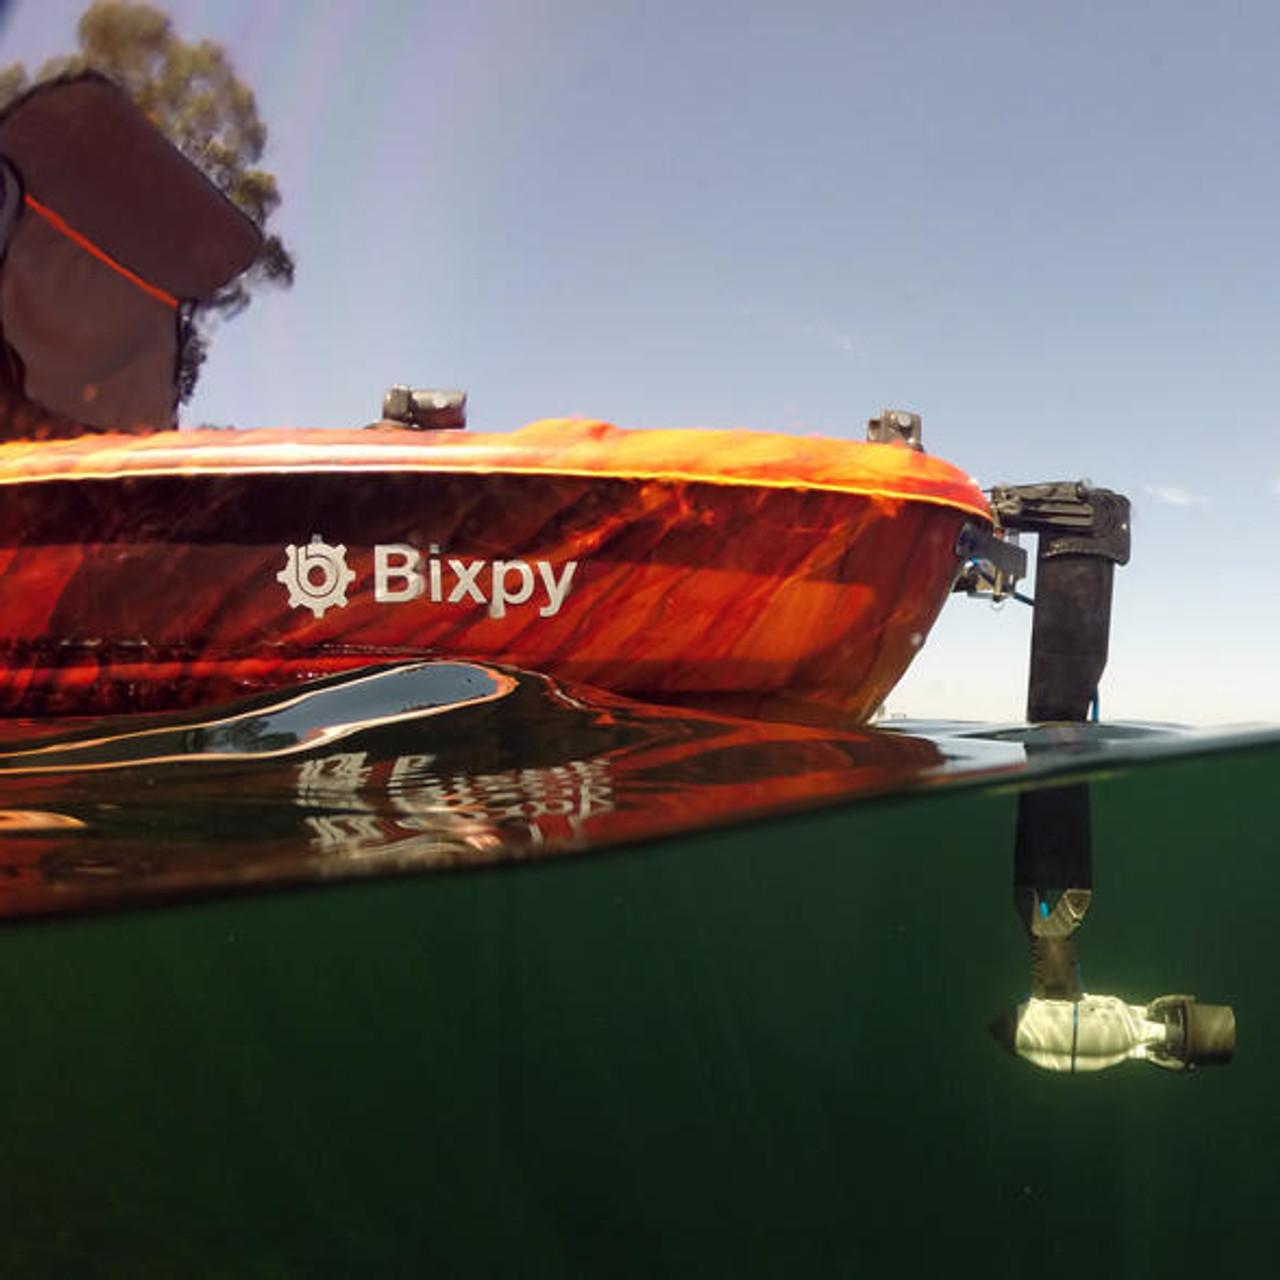 Bixpy Bixpy Vinyl Decal - White